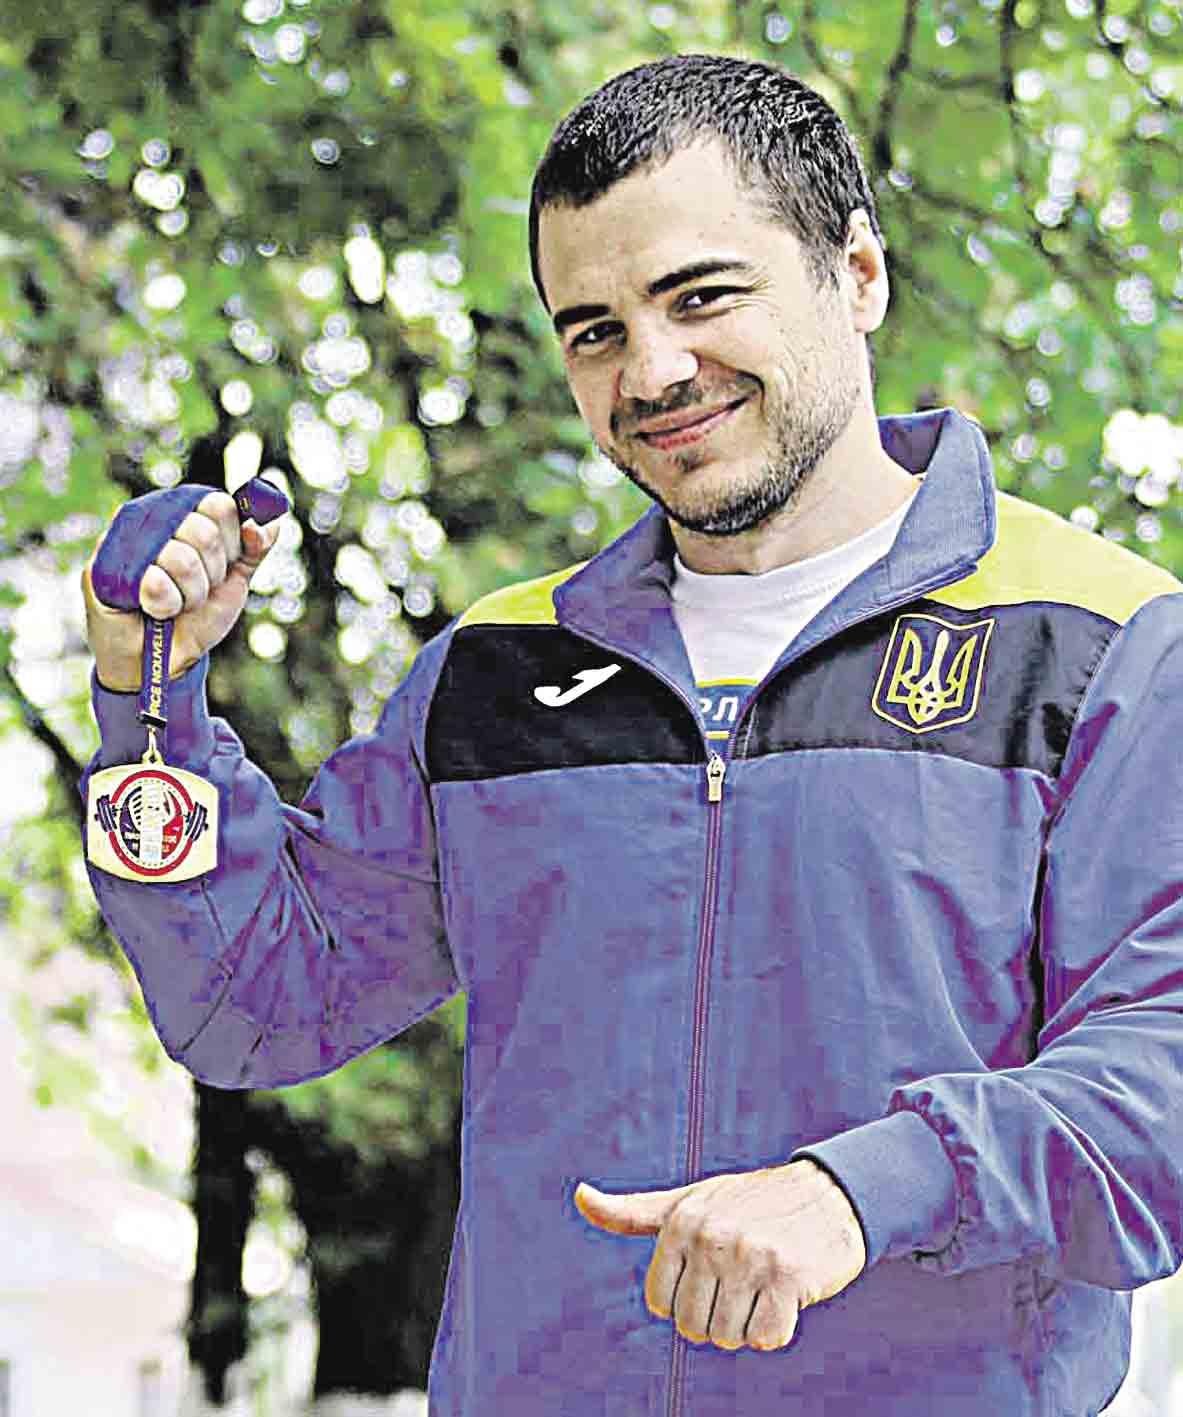 Іван, який виріс в інтернаті у Брацлаві, привіз чотири кубки з чемпіонату та їде на світові змагання в Алма-Ати